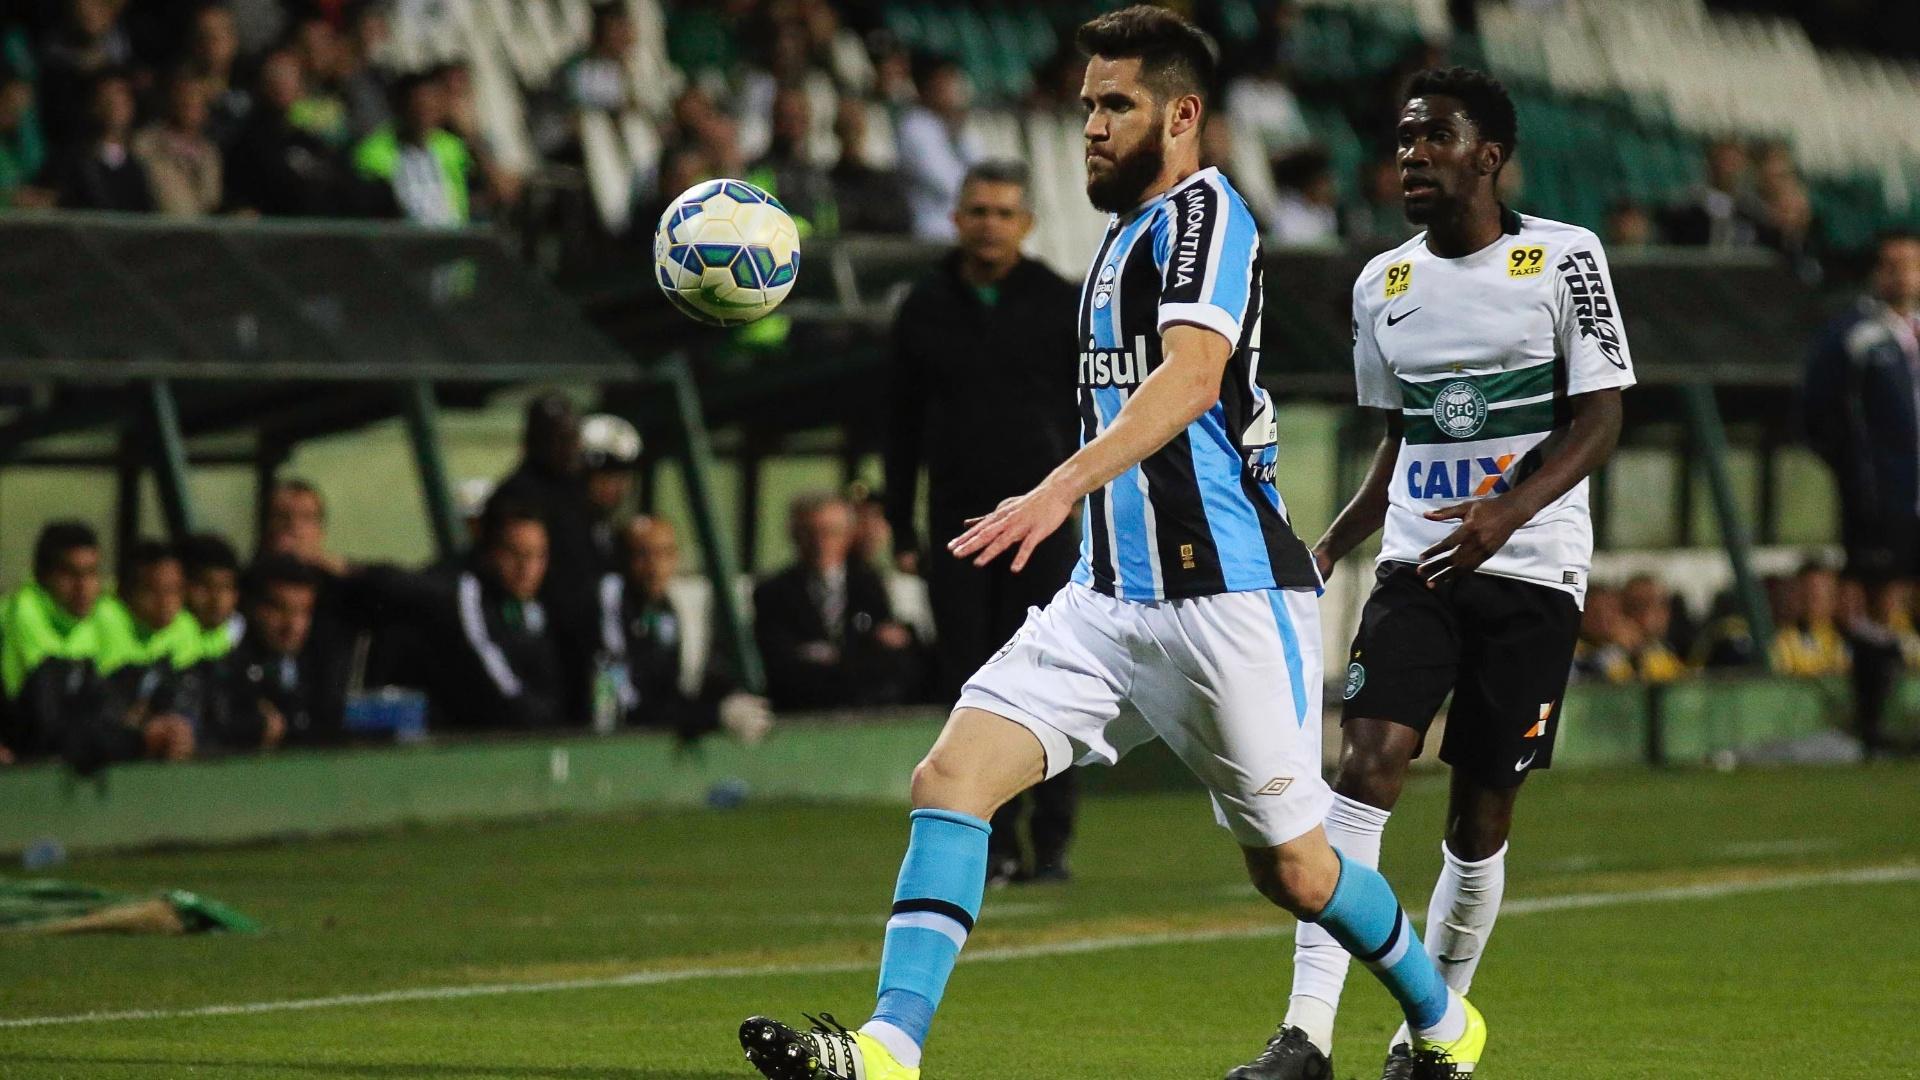 Autor do gol da vitória do Grêmio sobre o Coritiba, Marcelo Oliveira briga pela posse de bola